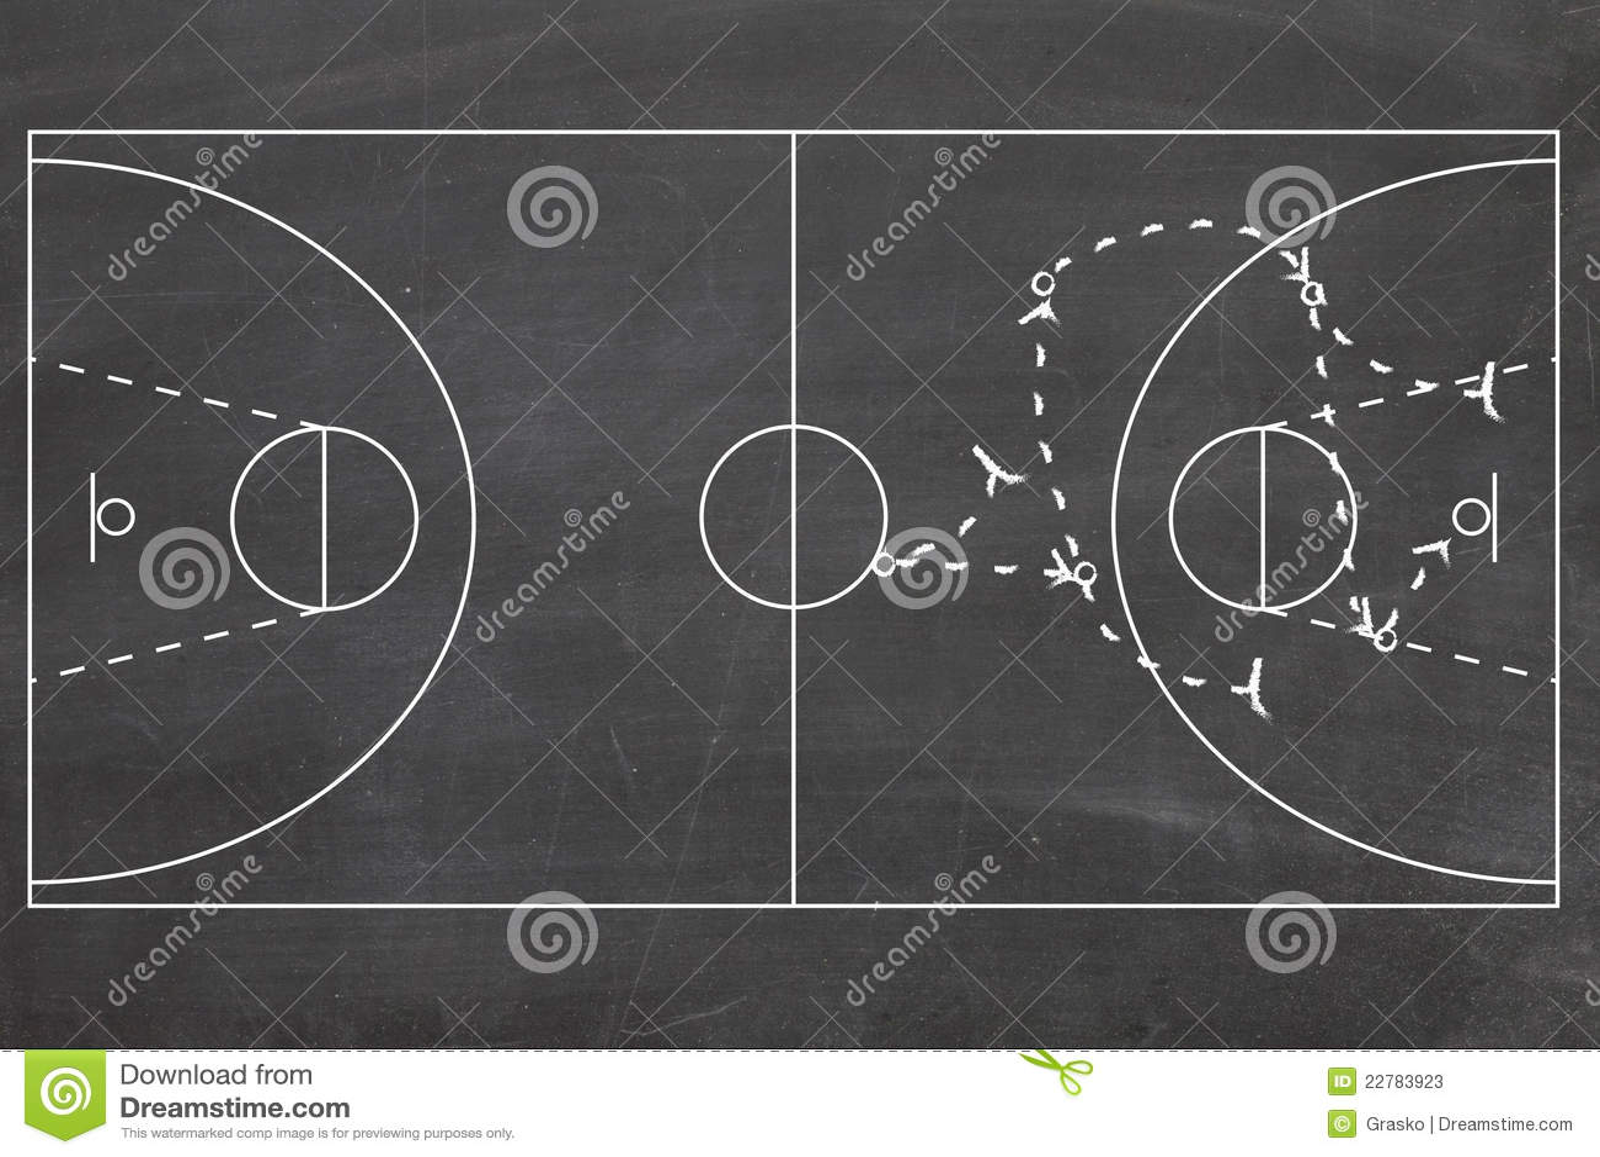 Equipo De Baloncesto De Las Mujeres Imagen De Archivo: Estrategia De Baloncesto Imagen De Archivo. Imagen De